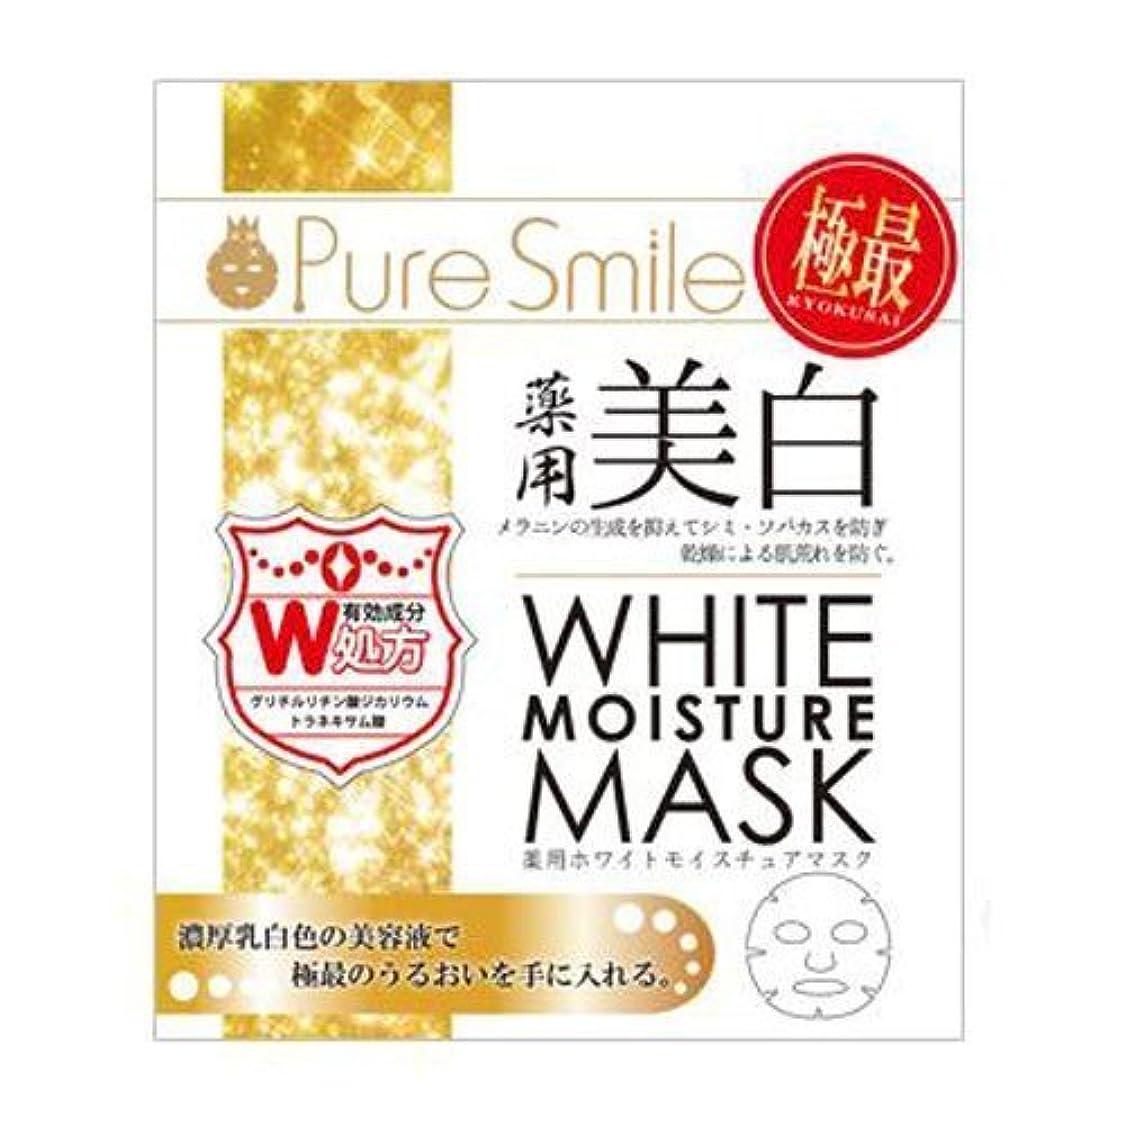 ささいな共産主義者延期するピュアスマイル エッセンスマスク 薬用ホワイトモイスチュアマスク